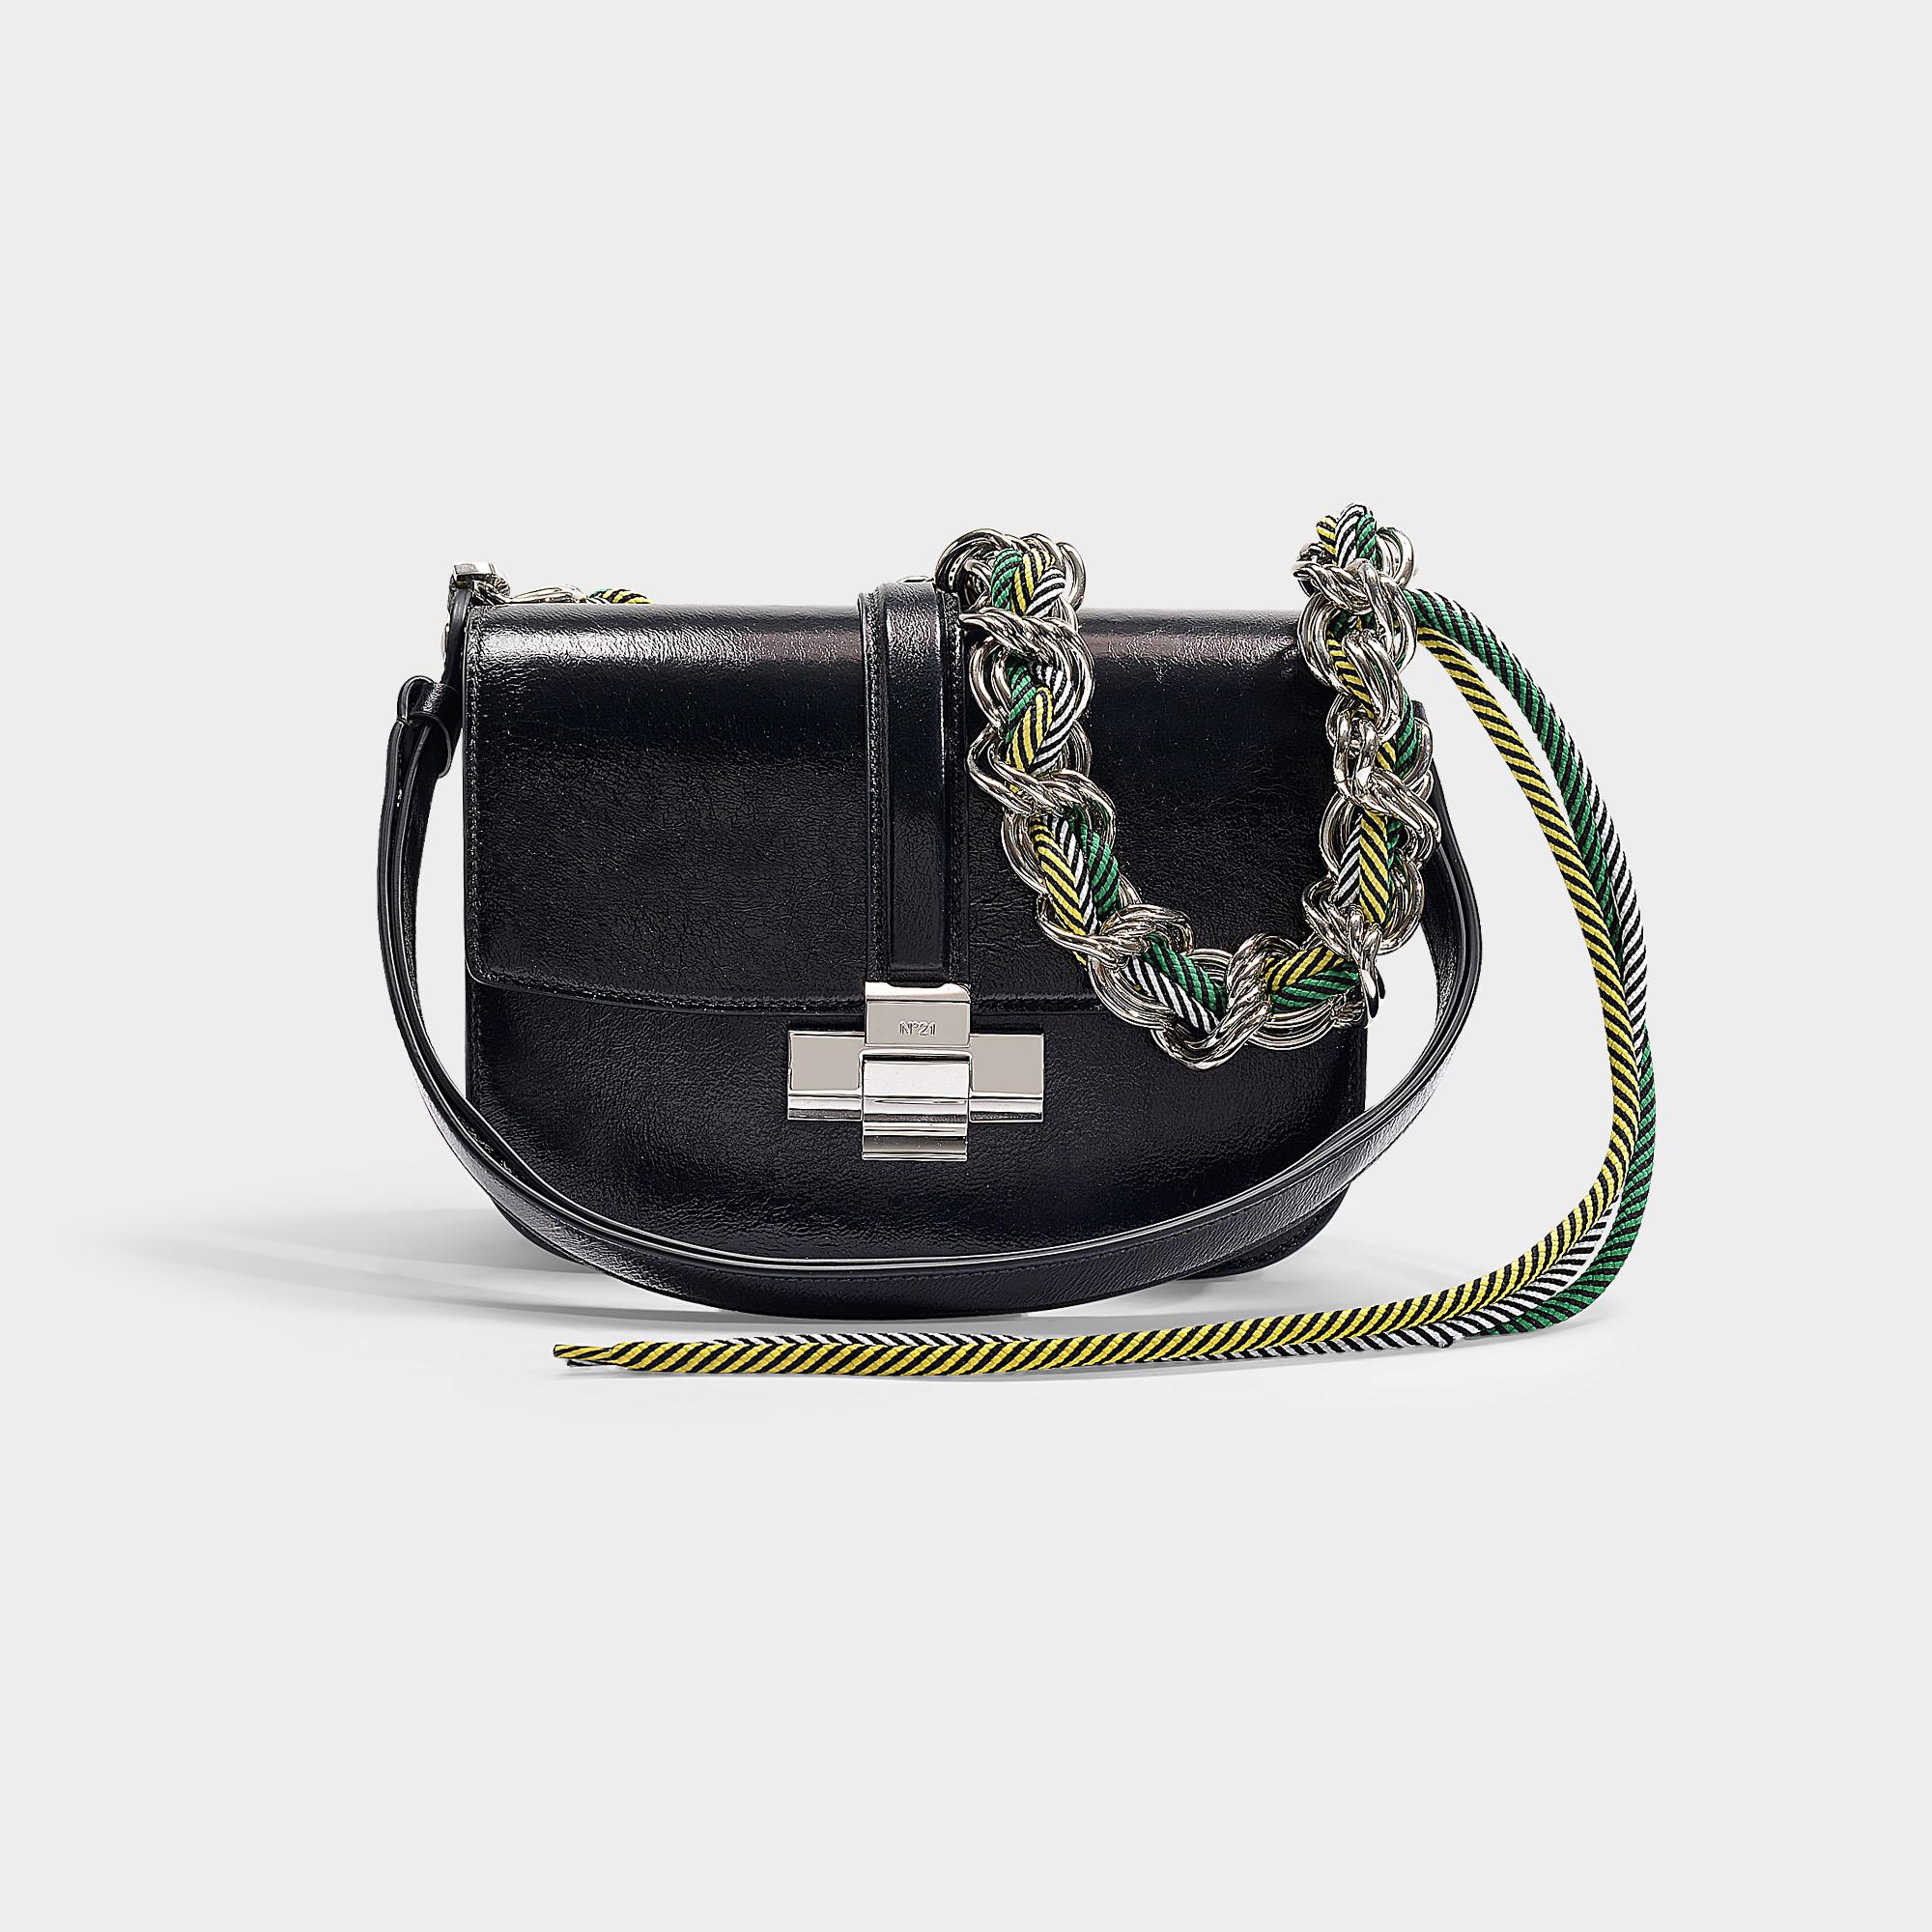 N°21 N21 | Lolita Bag In Black Calfskin